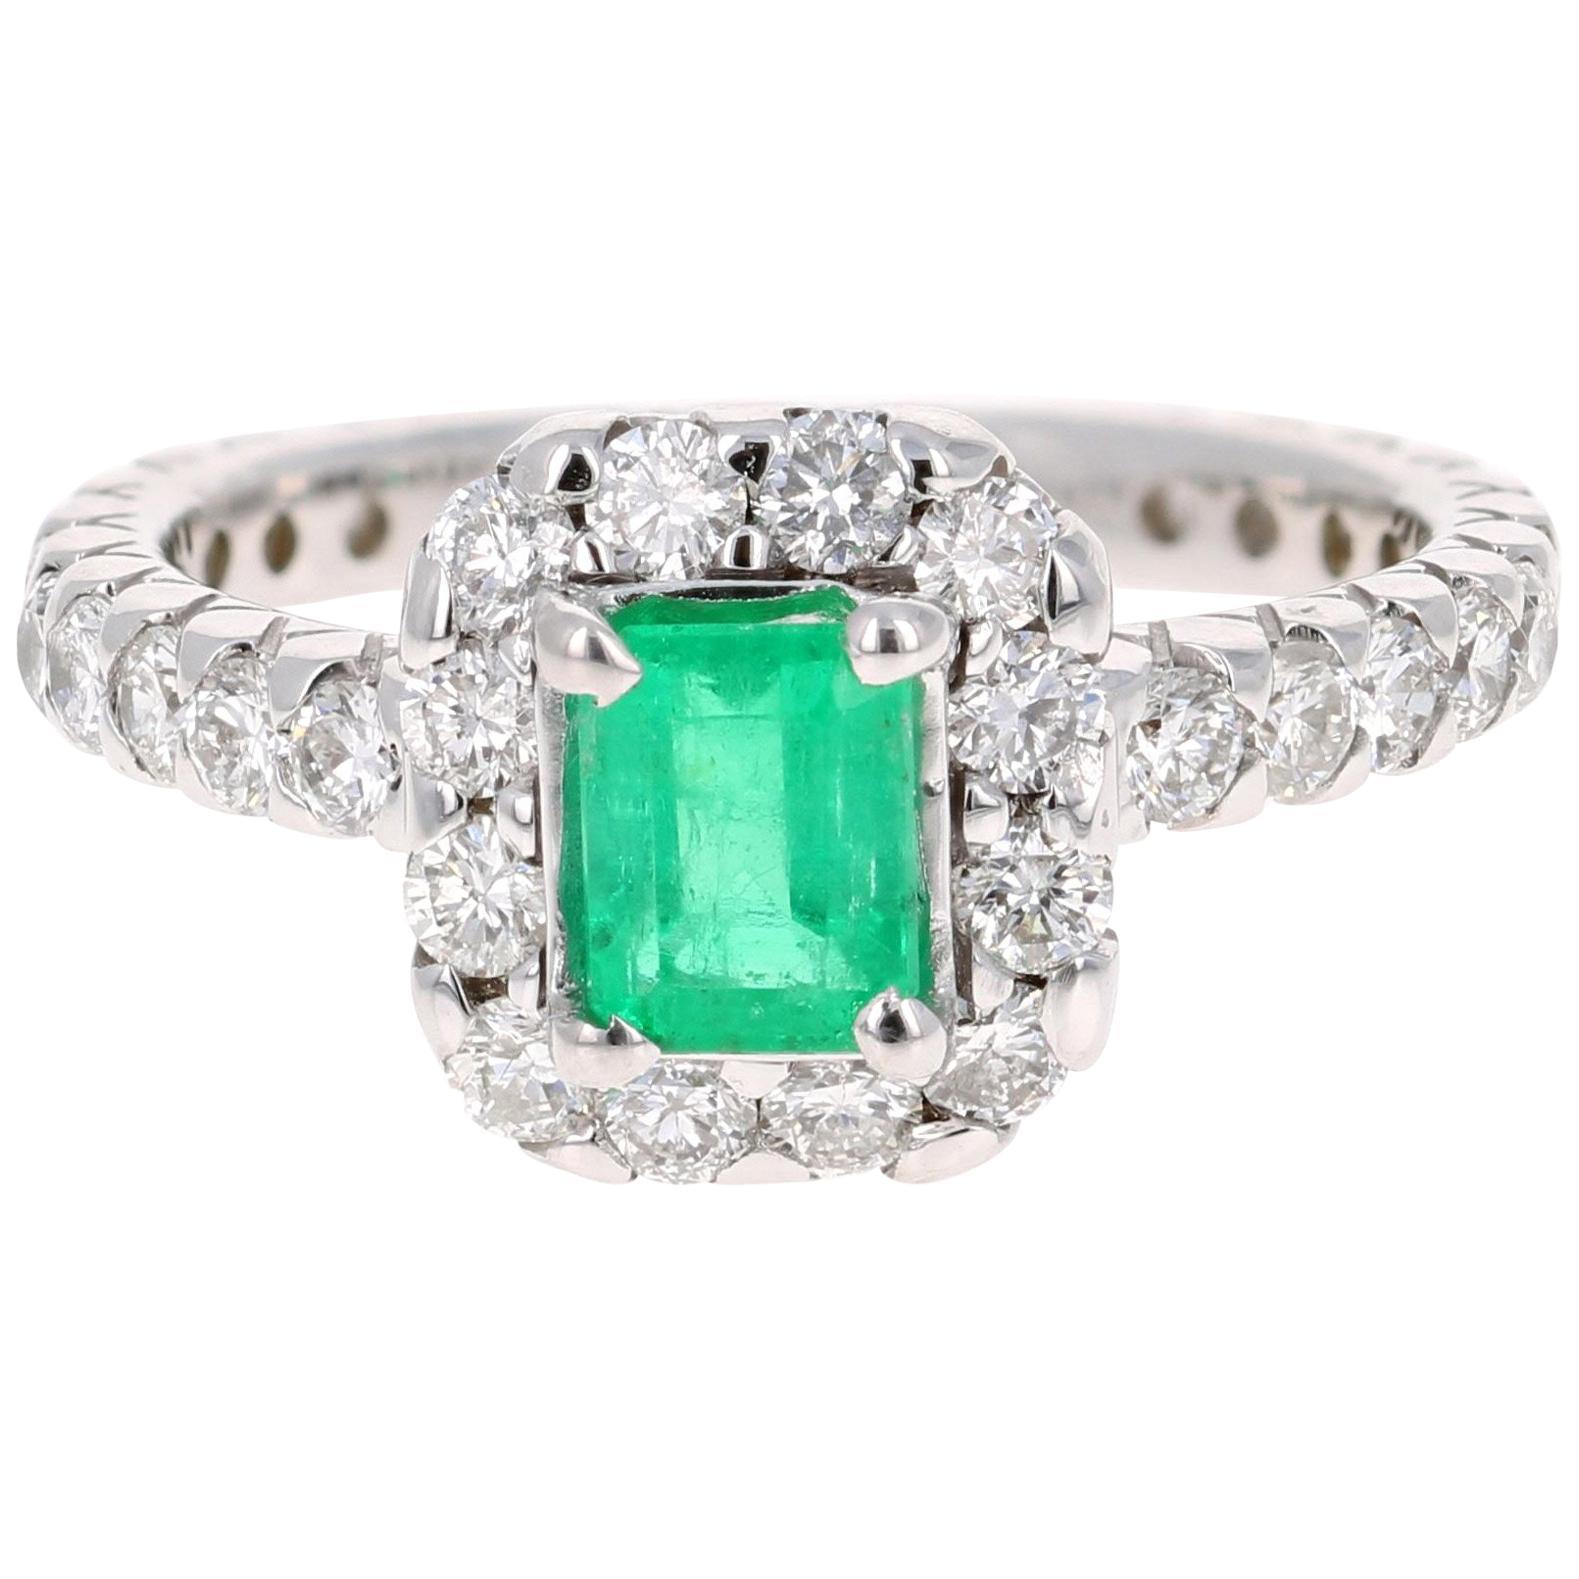 1.83 Carat Emerald Diamond 14 Karat White Gold Engagement Ring